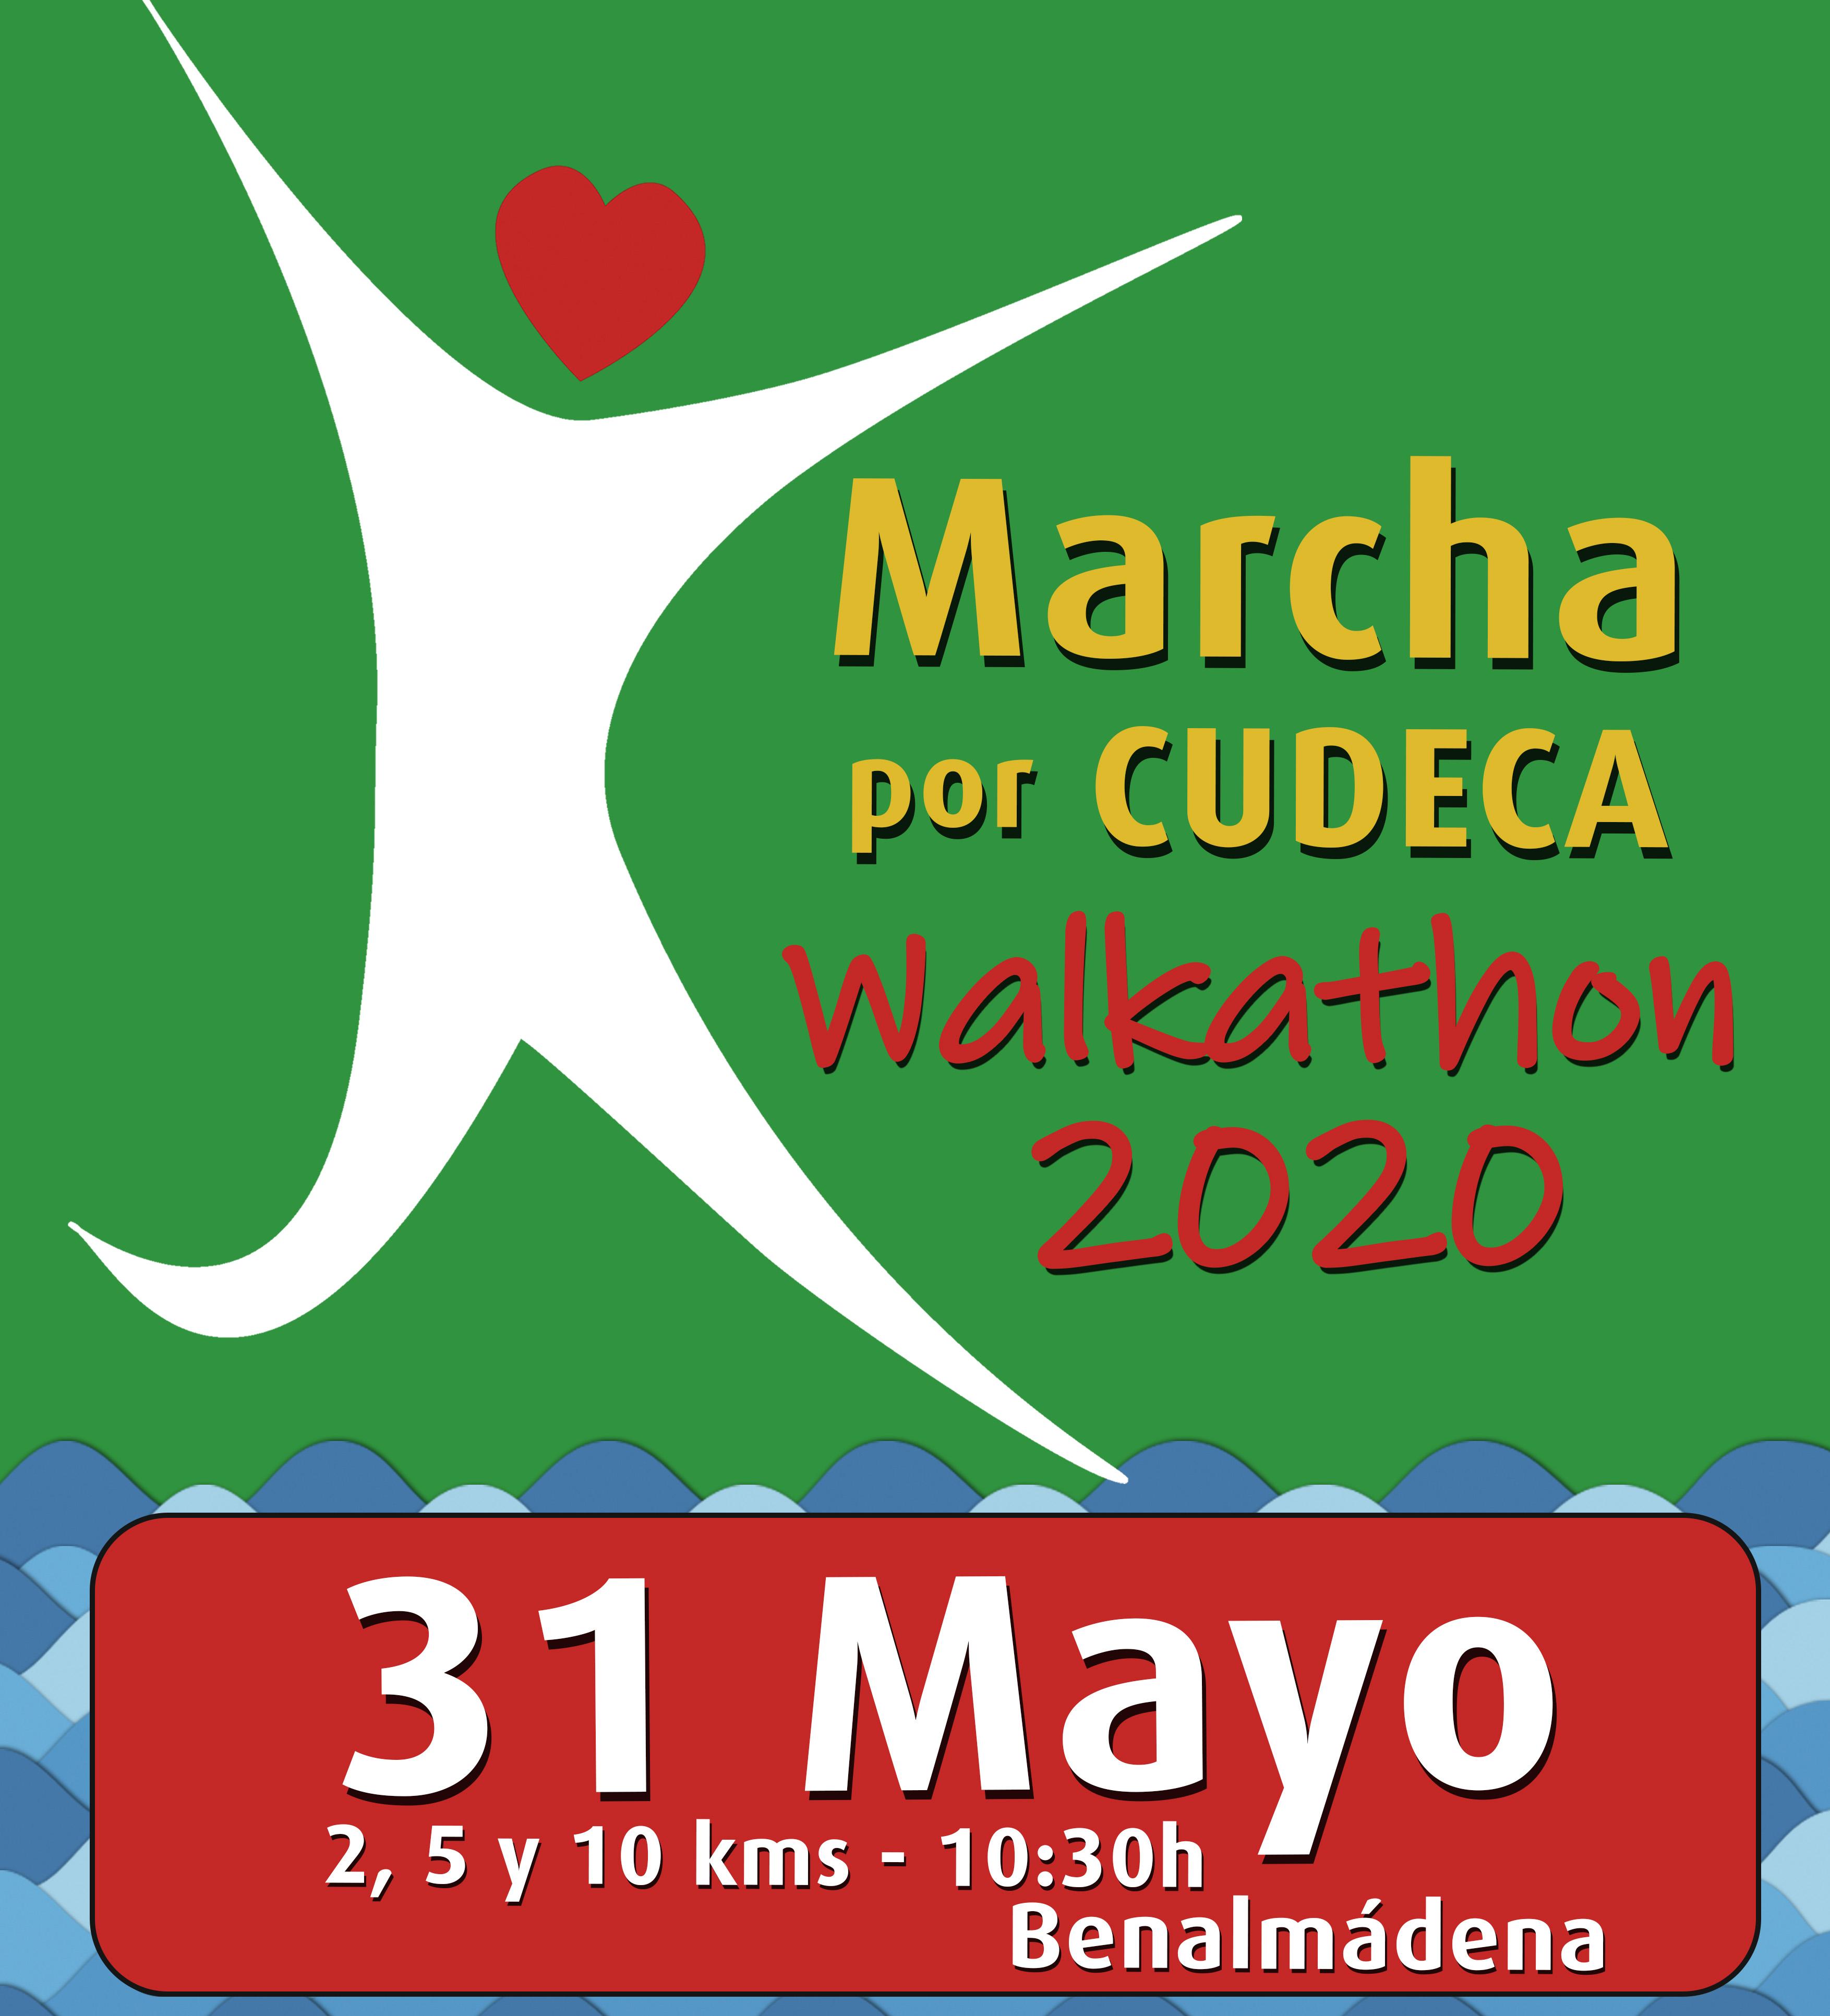 Marcha por Cudeca – Walkathon 2020